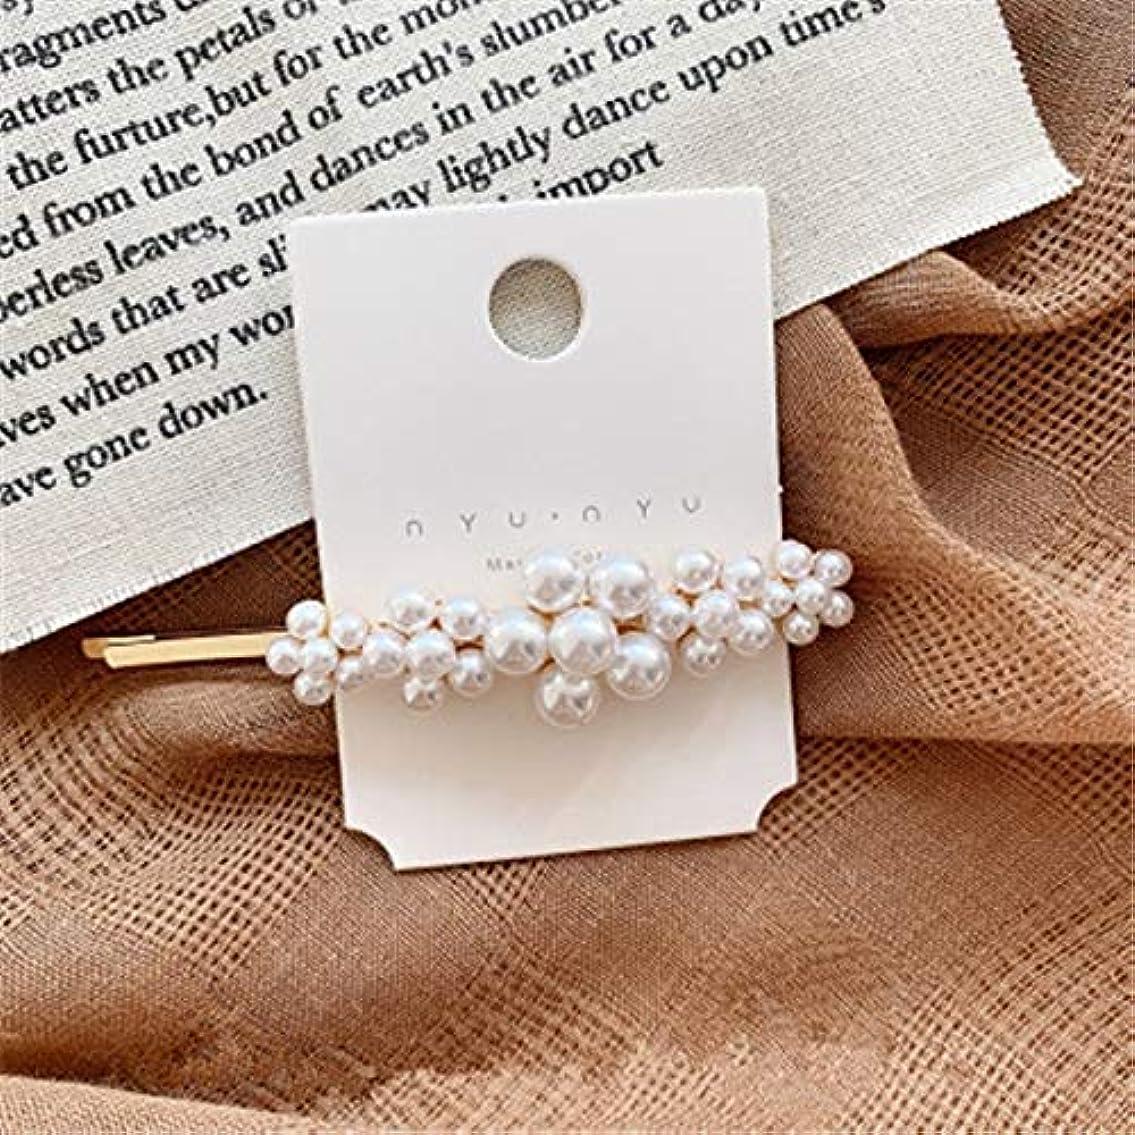 聖書終わり天文学Hairpinheair Yhm模造真珠の花ヘアピンヴィンテージロングバレットヘアクリップクリスタルメタルヘアアクセサリーヘアグリップ (色 : Color1)